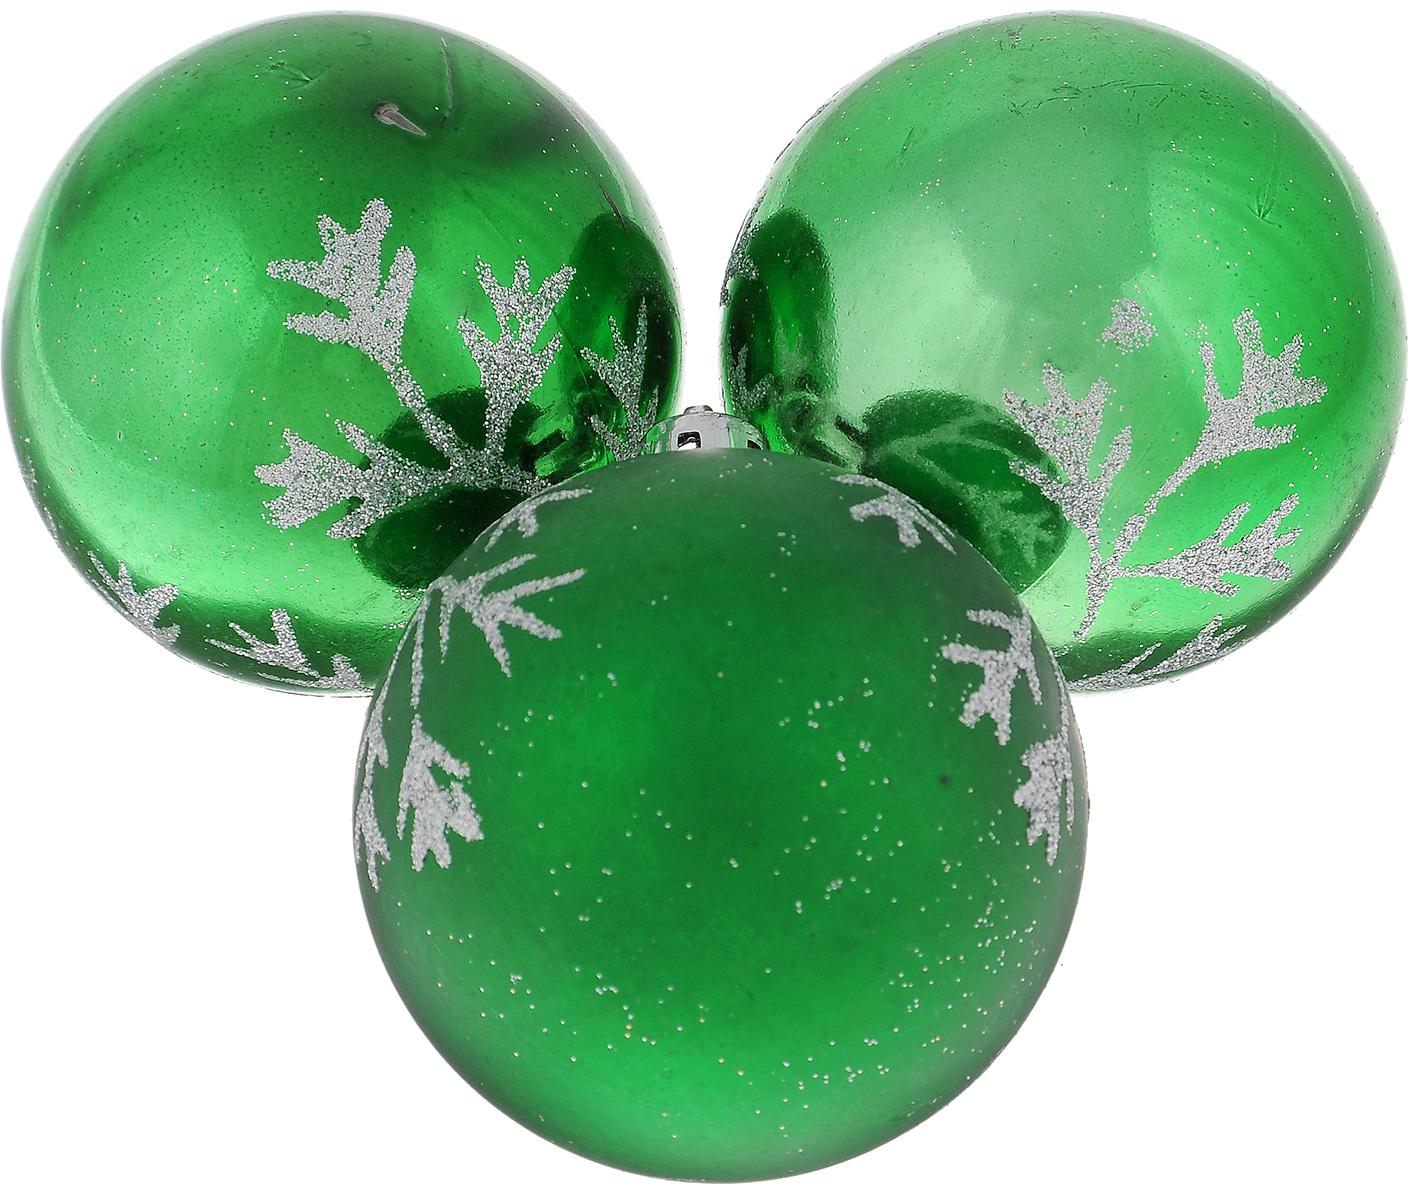 Фото - Набор новогодних подвесных украшений EuroHouse Веточки, цвет: зеленый, серебристый, диаметр 6 см, 3 шт набор новогодних украшений 1 м 3 шт красный